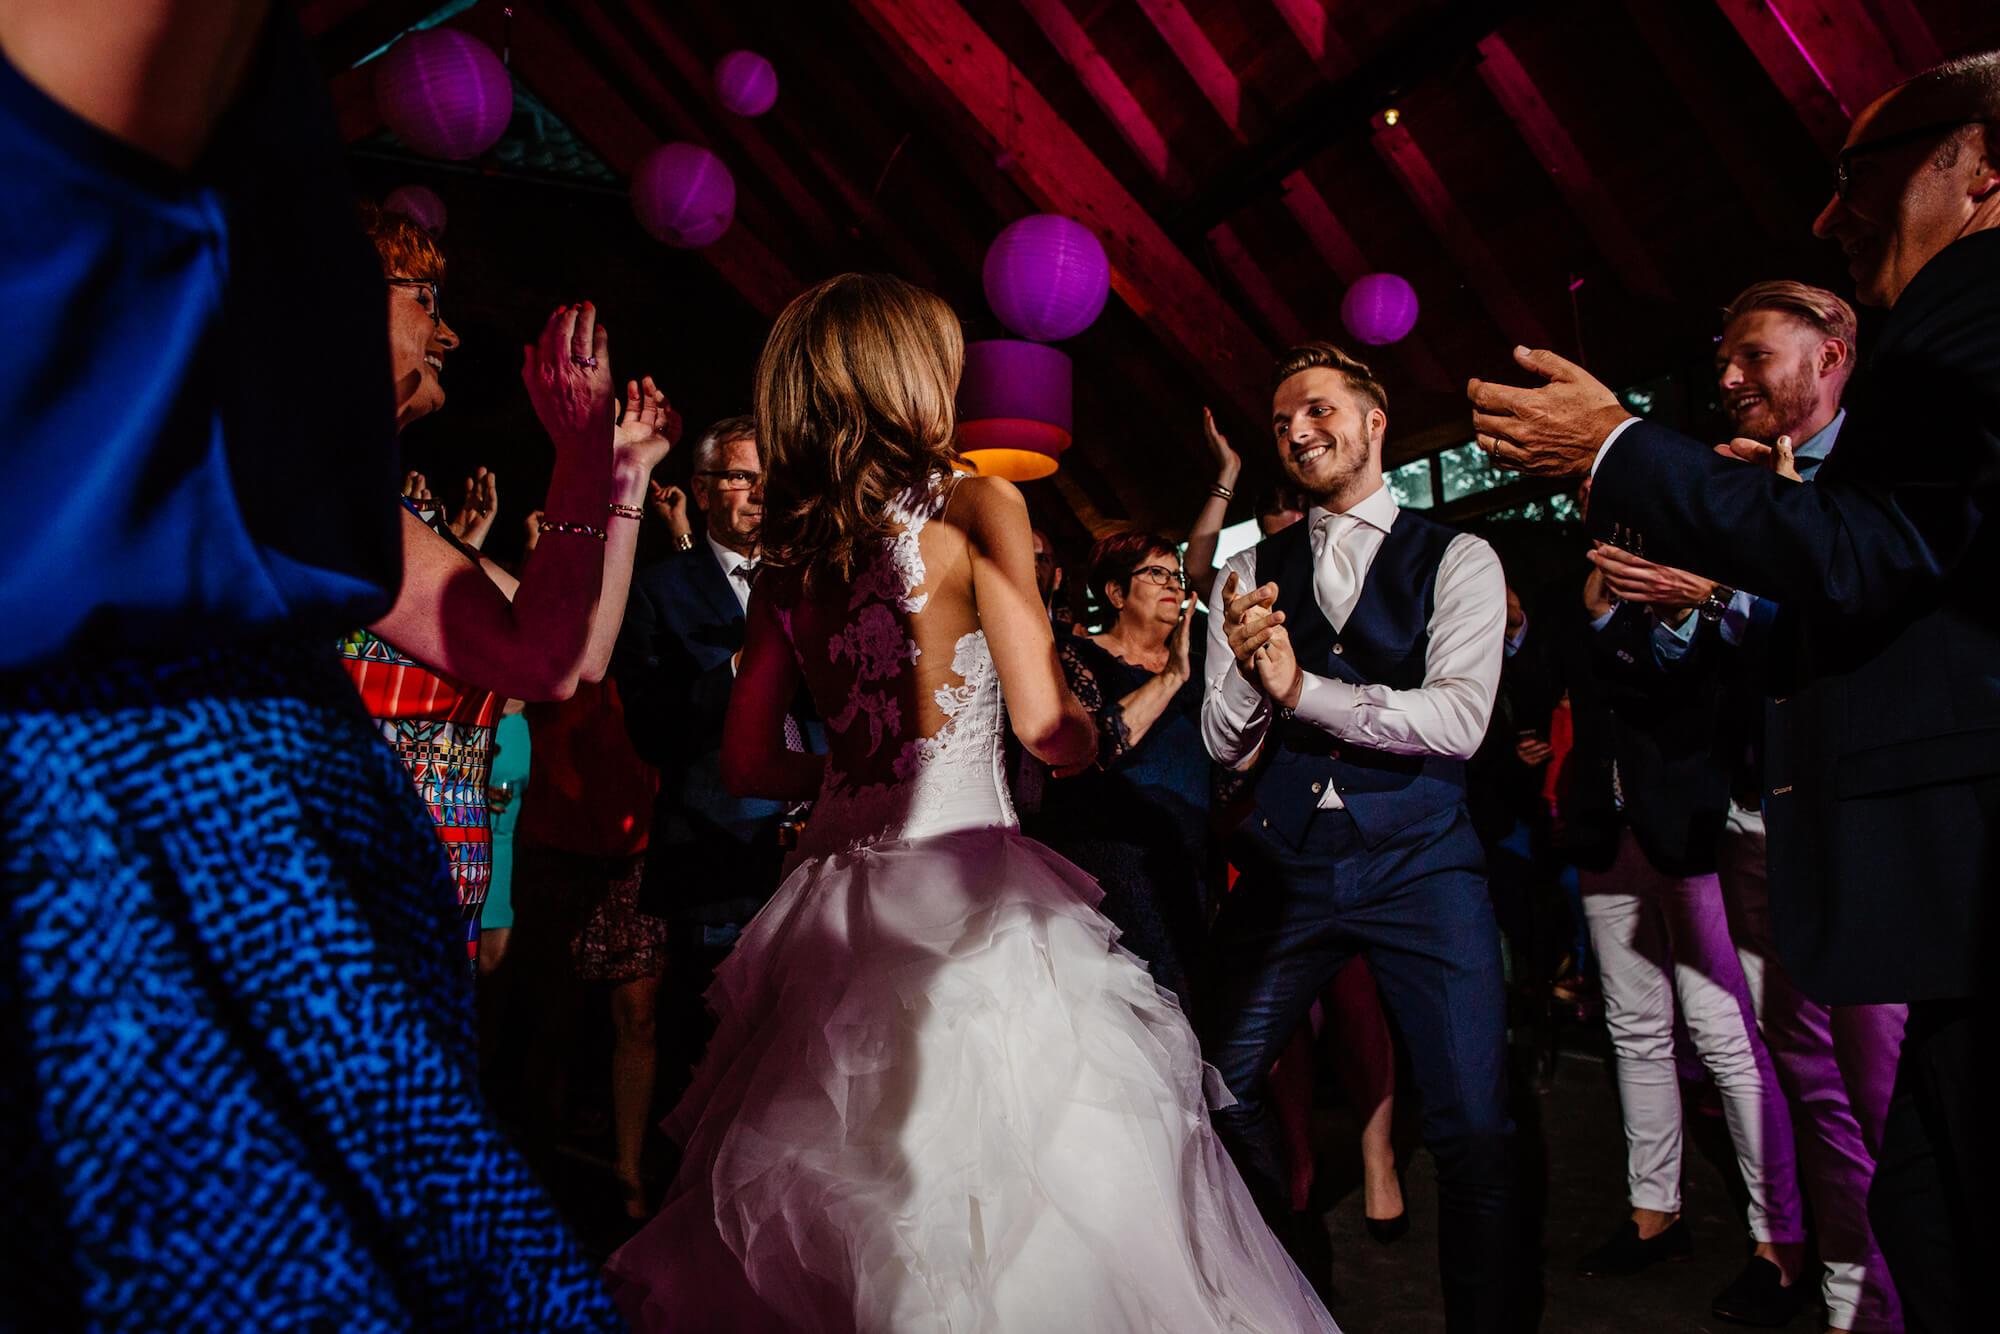 kasteelhoeve-geldrop-bruidsfotograaf-22.jpg